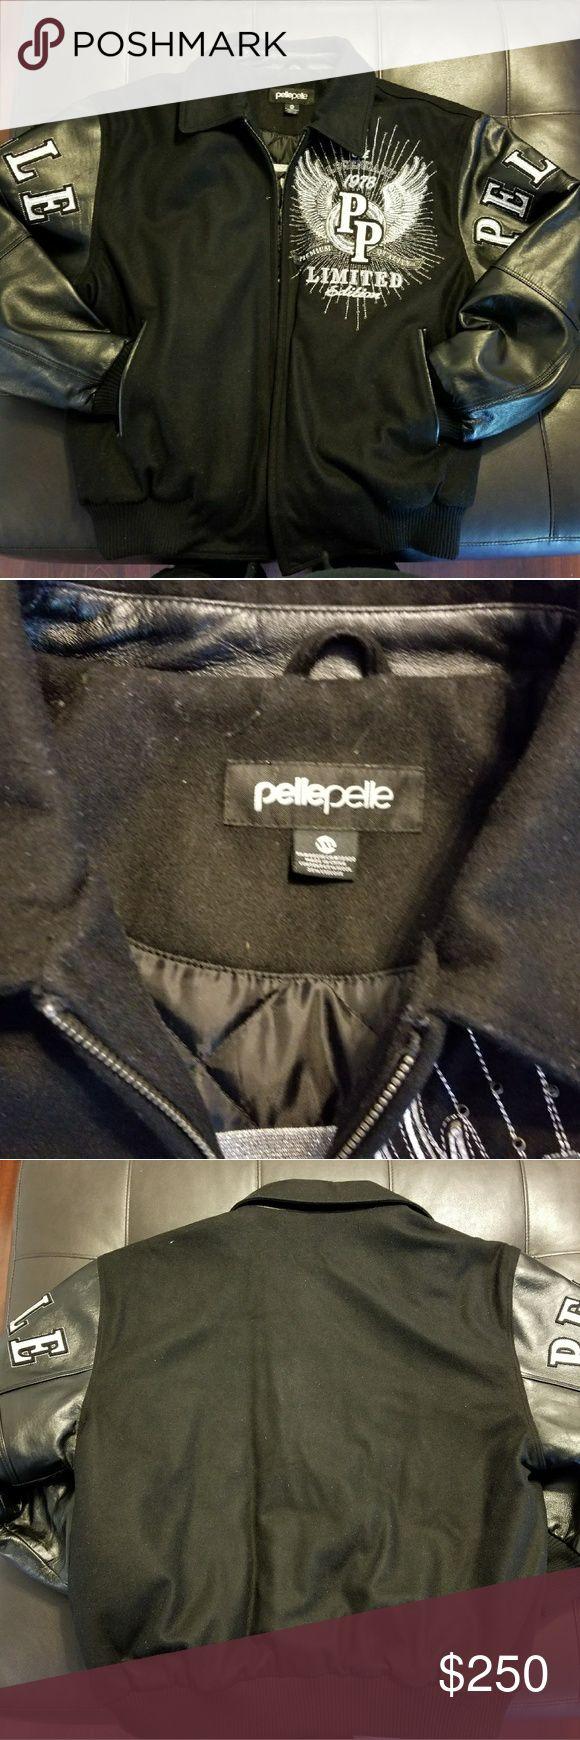 NWOT Pelle Pelle Jacket..BEST OFFER Wool & leather jacket. Too big Pelle Pelle Jackets & Coats